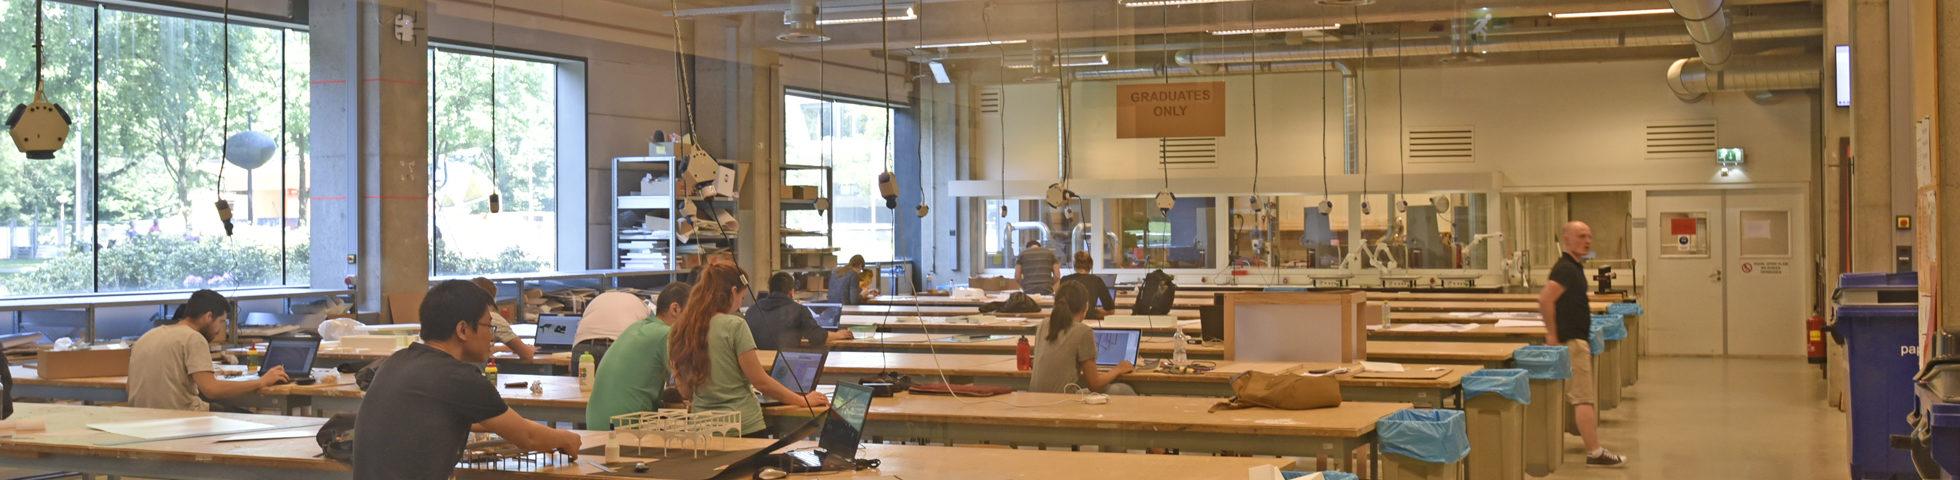 Wat kan een student met GPR software?